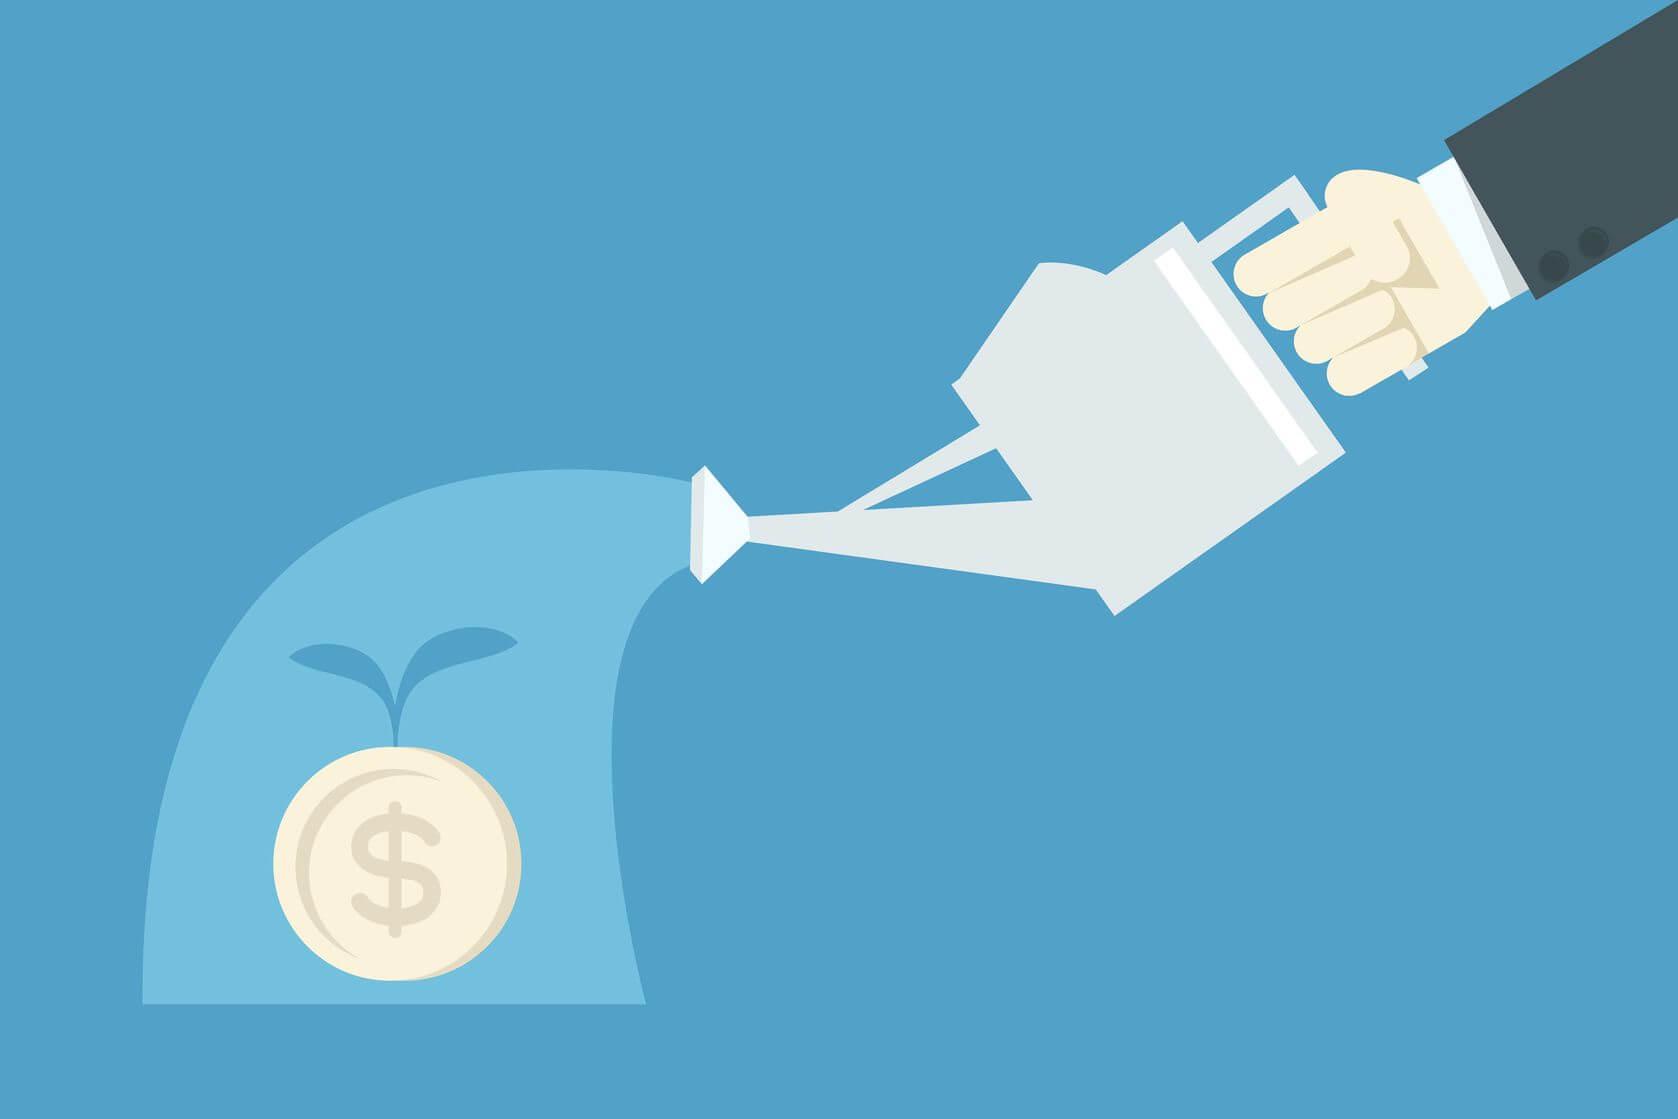 revenue-based funding